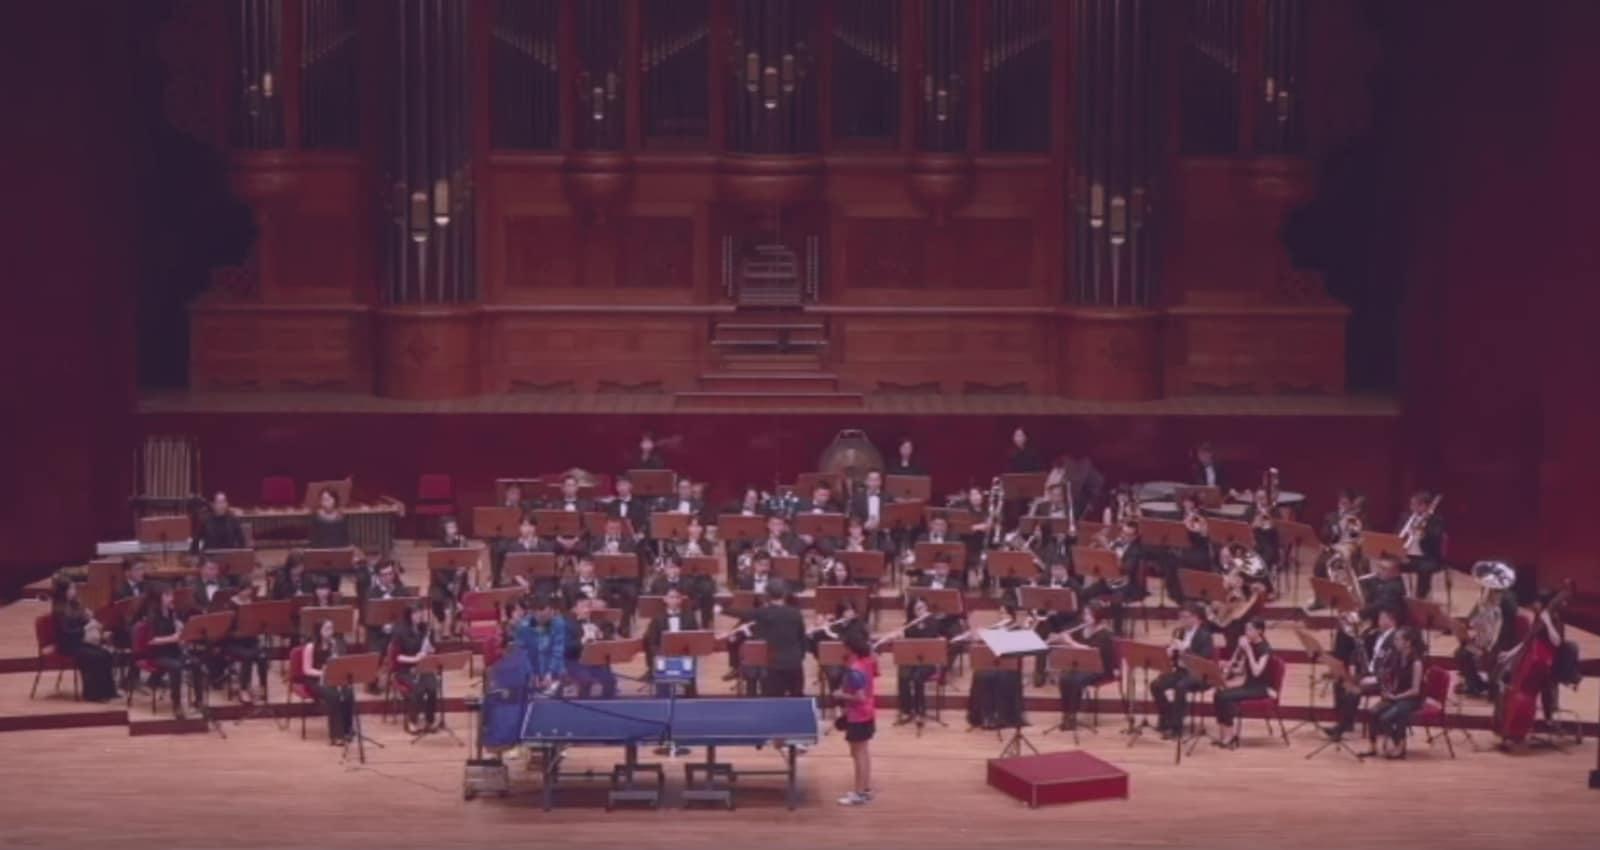 Screenshot taken fromYIU KWONG CHUNG: Ping-pong Concerto